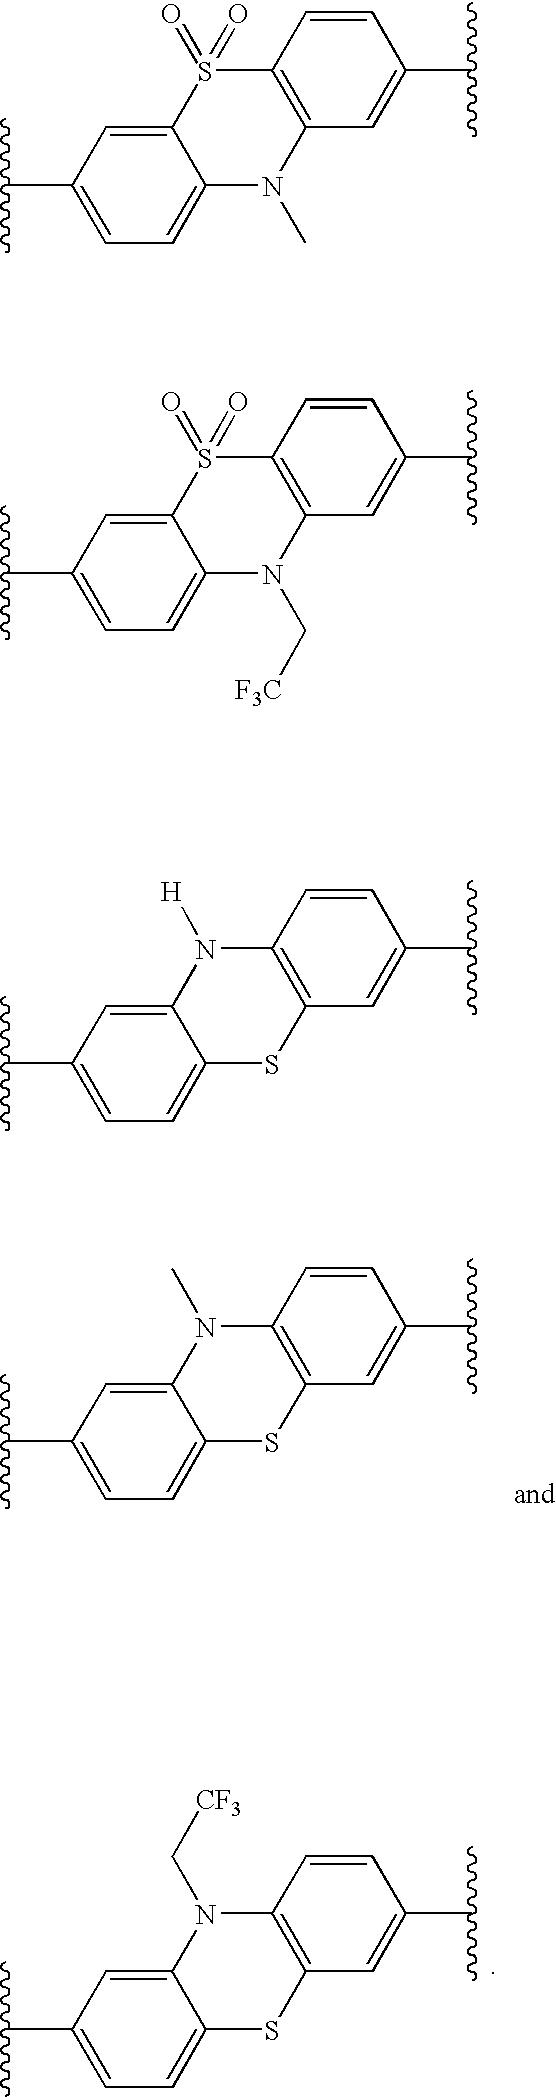 Figure US08088368-20120103-C00196